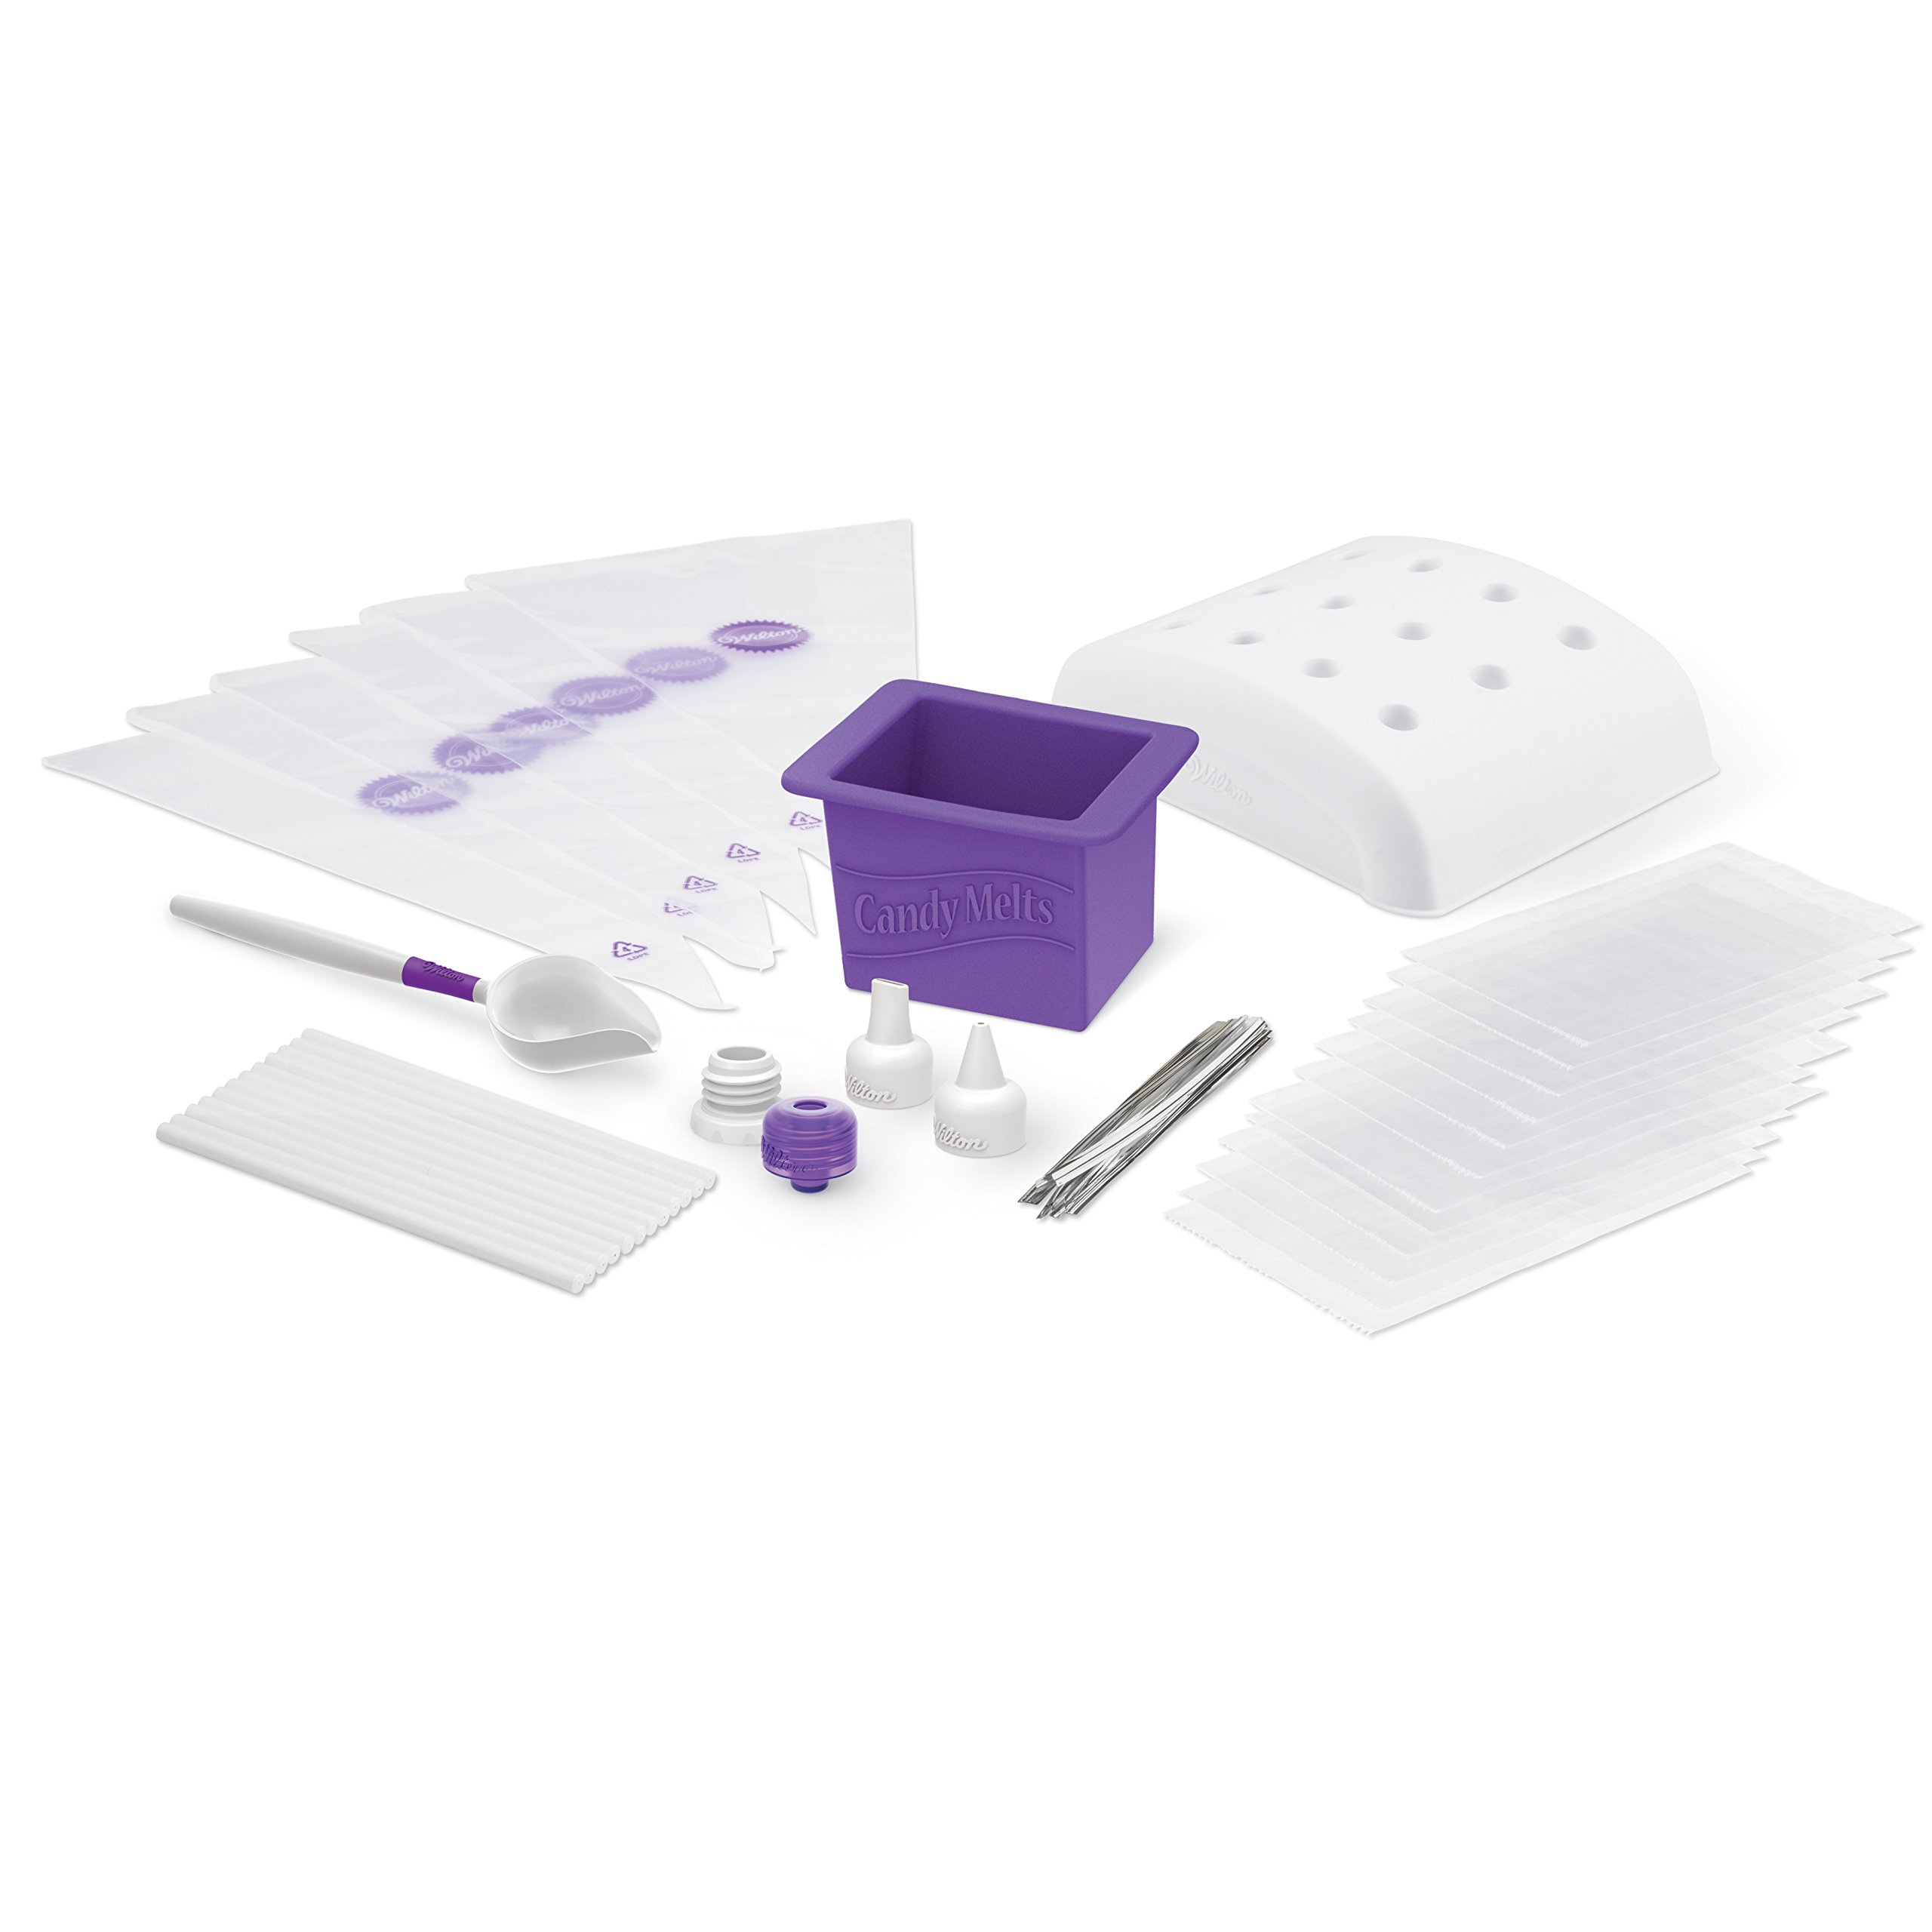 Wilton Dip-N-Decorate Essentials Set, 49-Piece - Candy Making Supplies